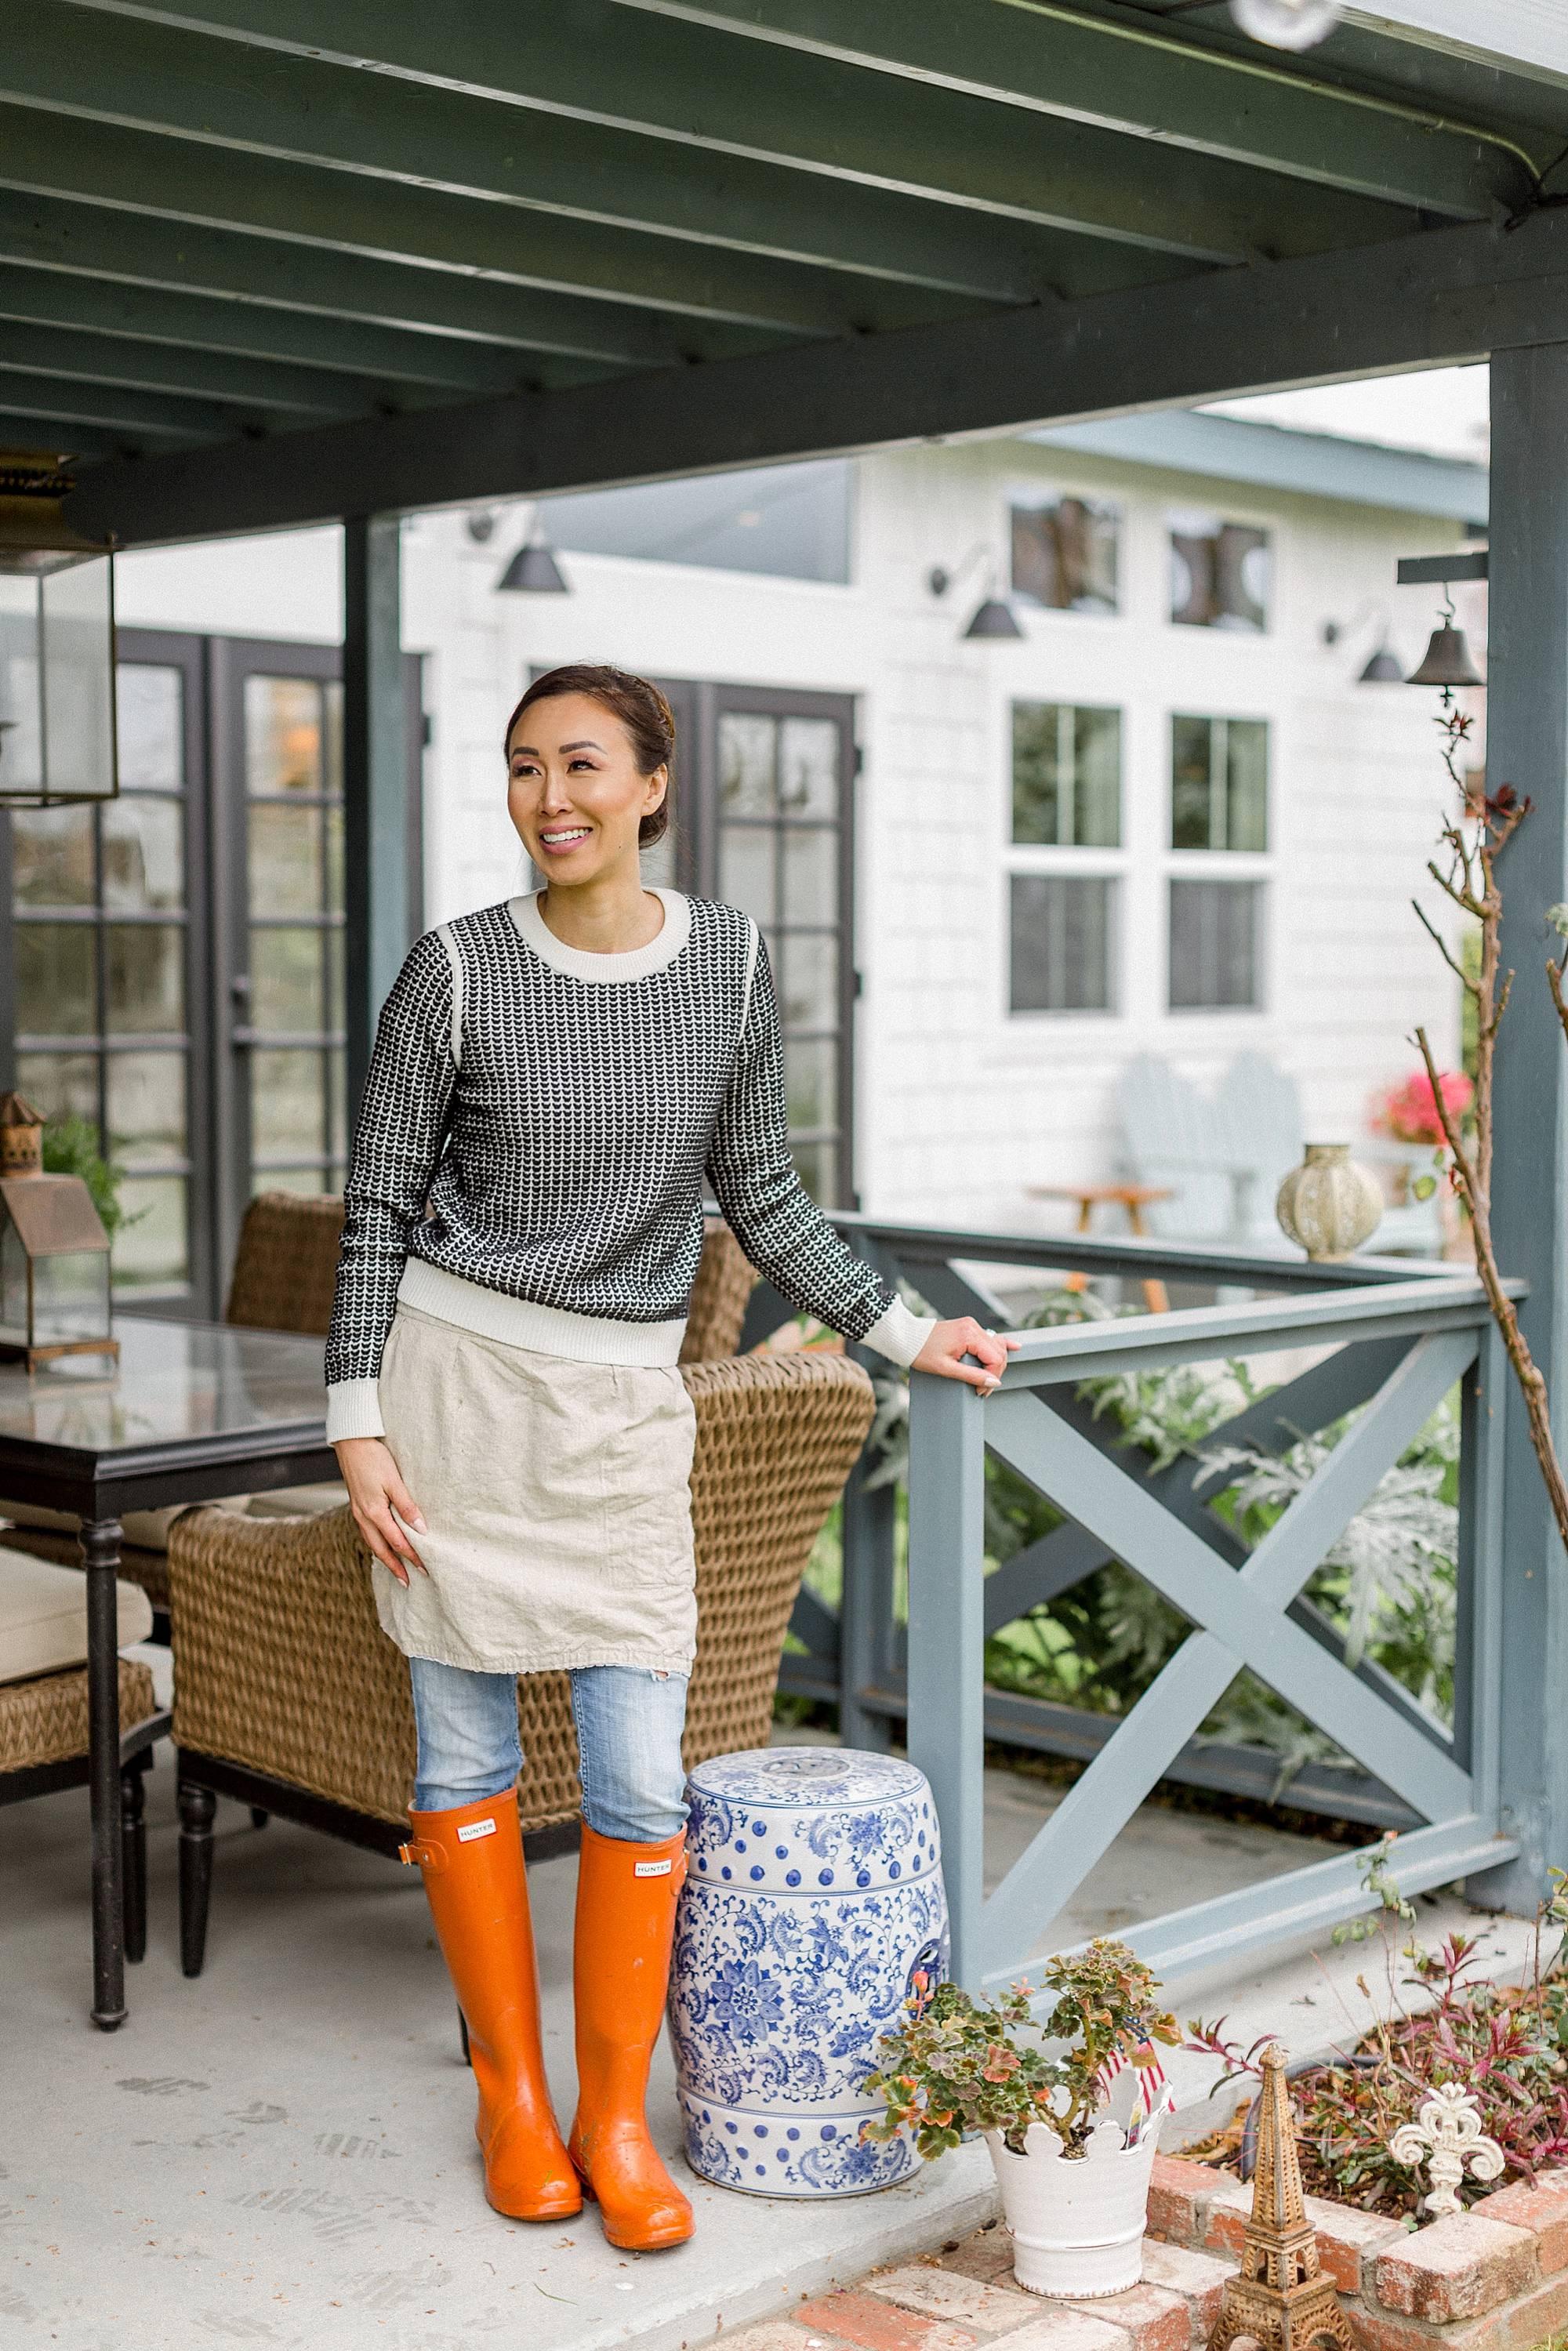 garden blogger under patio rainy winter day in the garden - dianaelizabethblog.com #garden